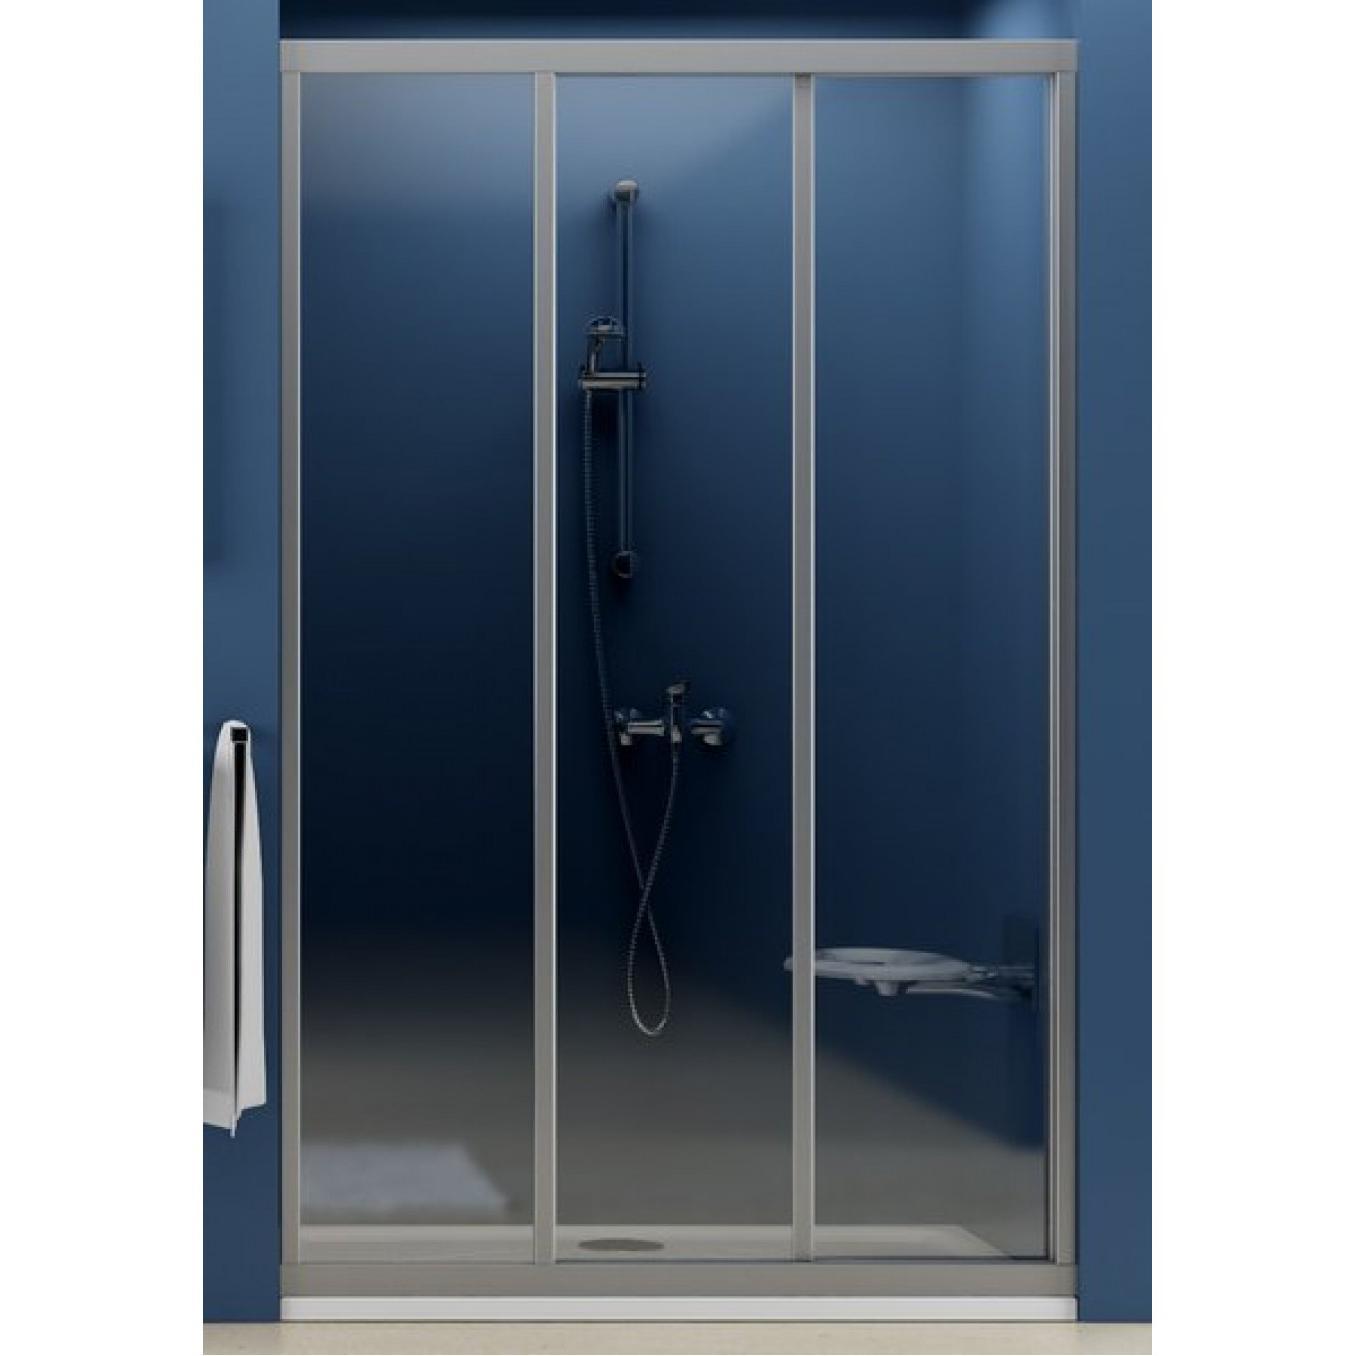 Душевая дверь Ravak ASDP3 120 белый профиль, матовое стекло опорная рама мод 5300 для поддонов регулируется до размера 120 120